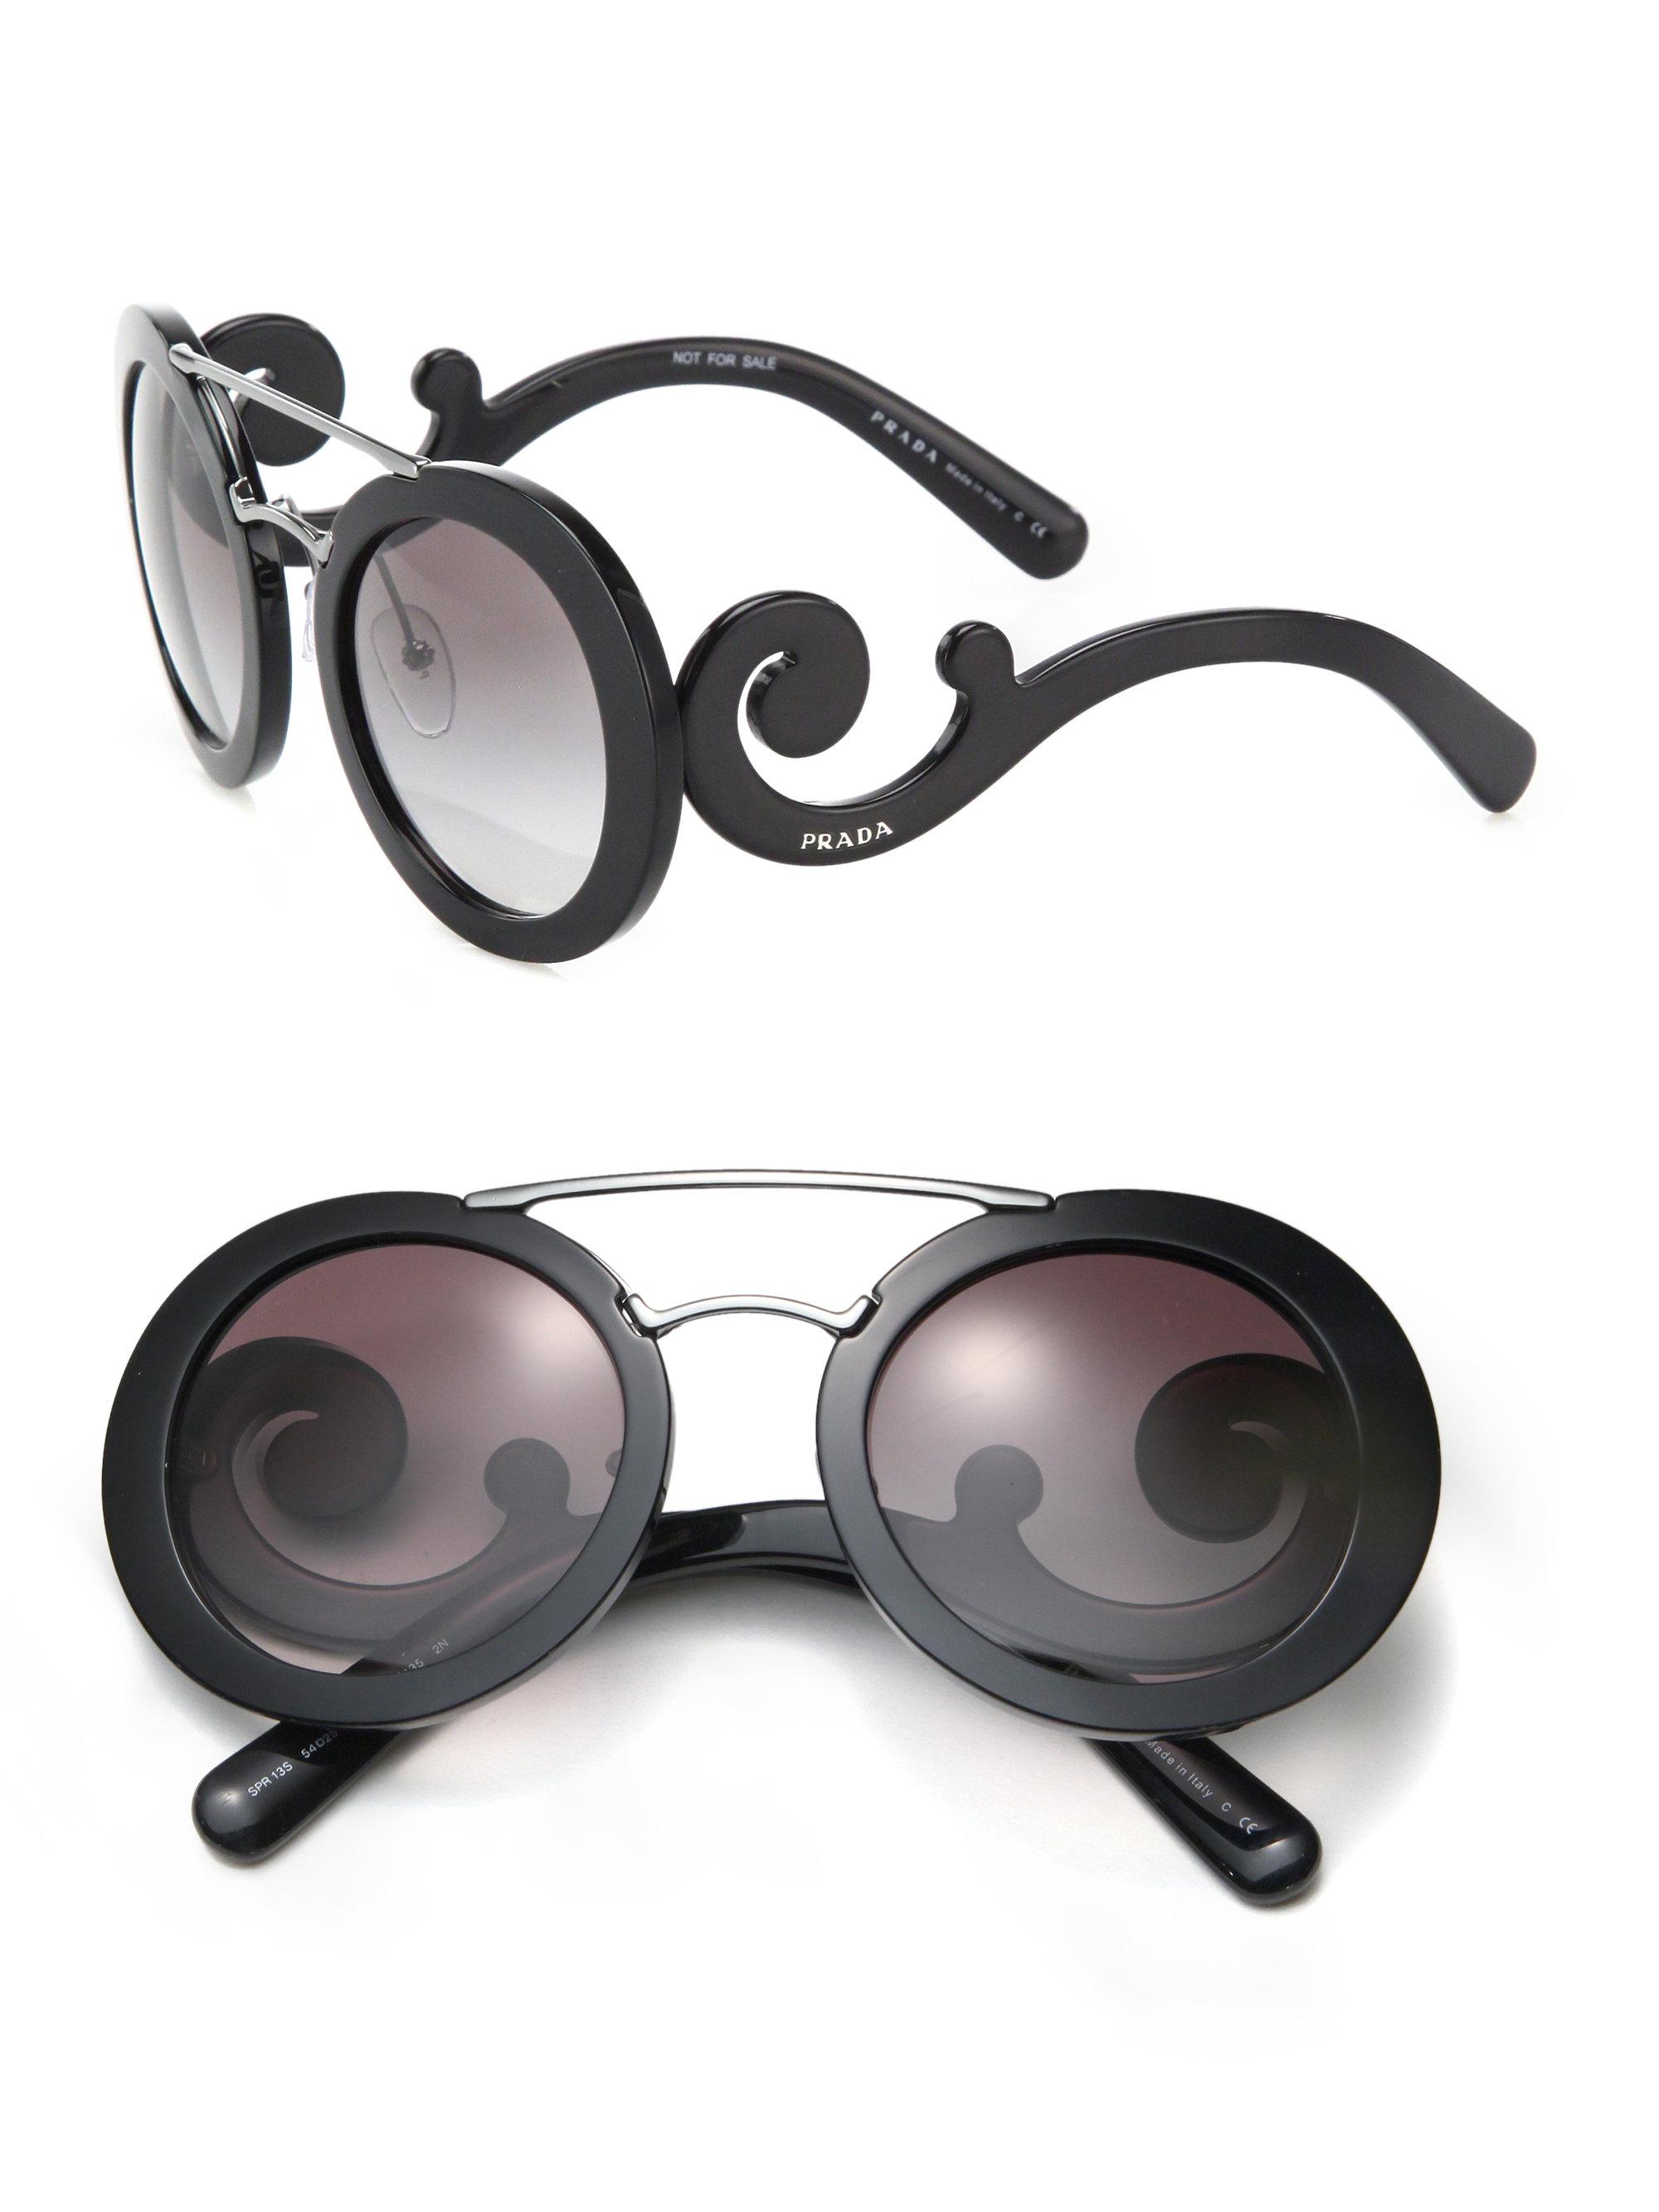 57277b5aef Prada 54mm Round Acetate   Metal Sunglasses in Black - Lyst